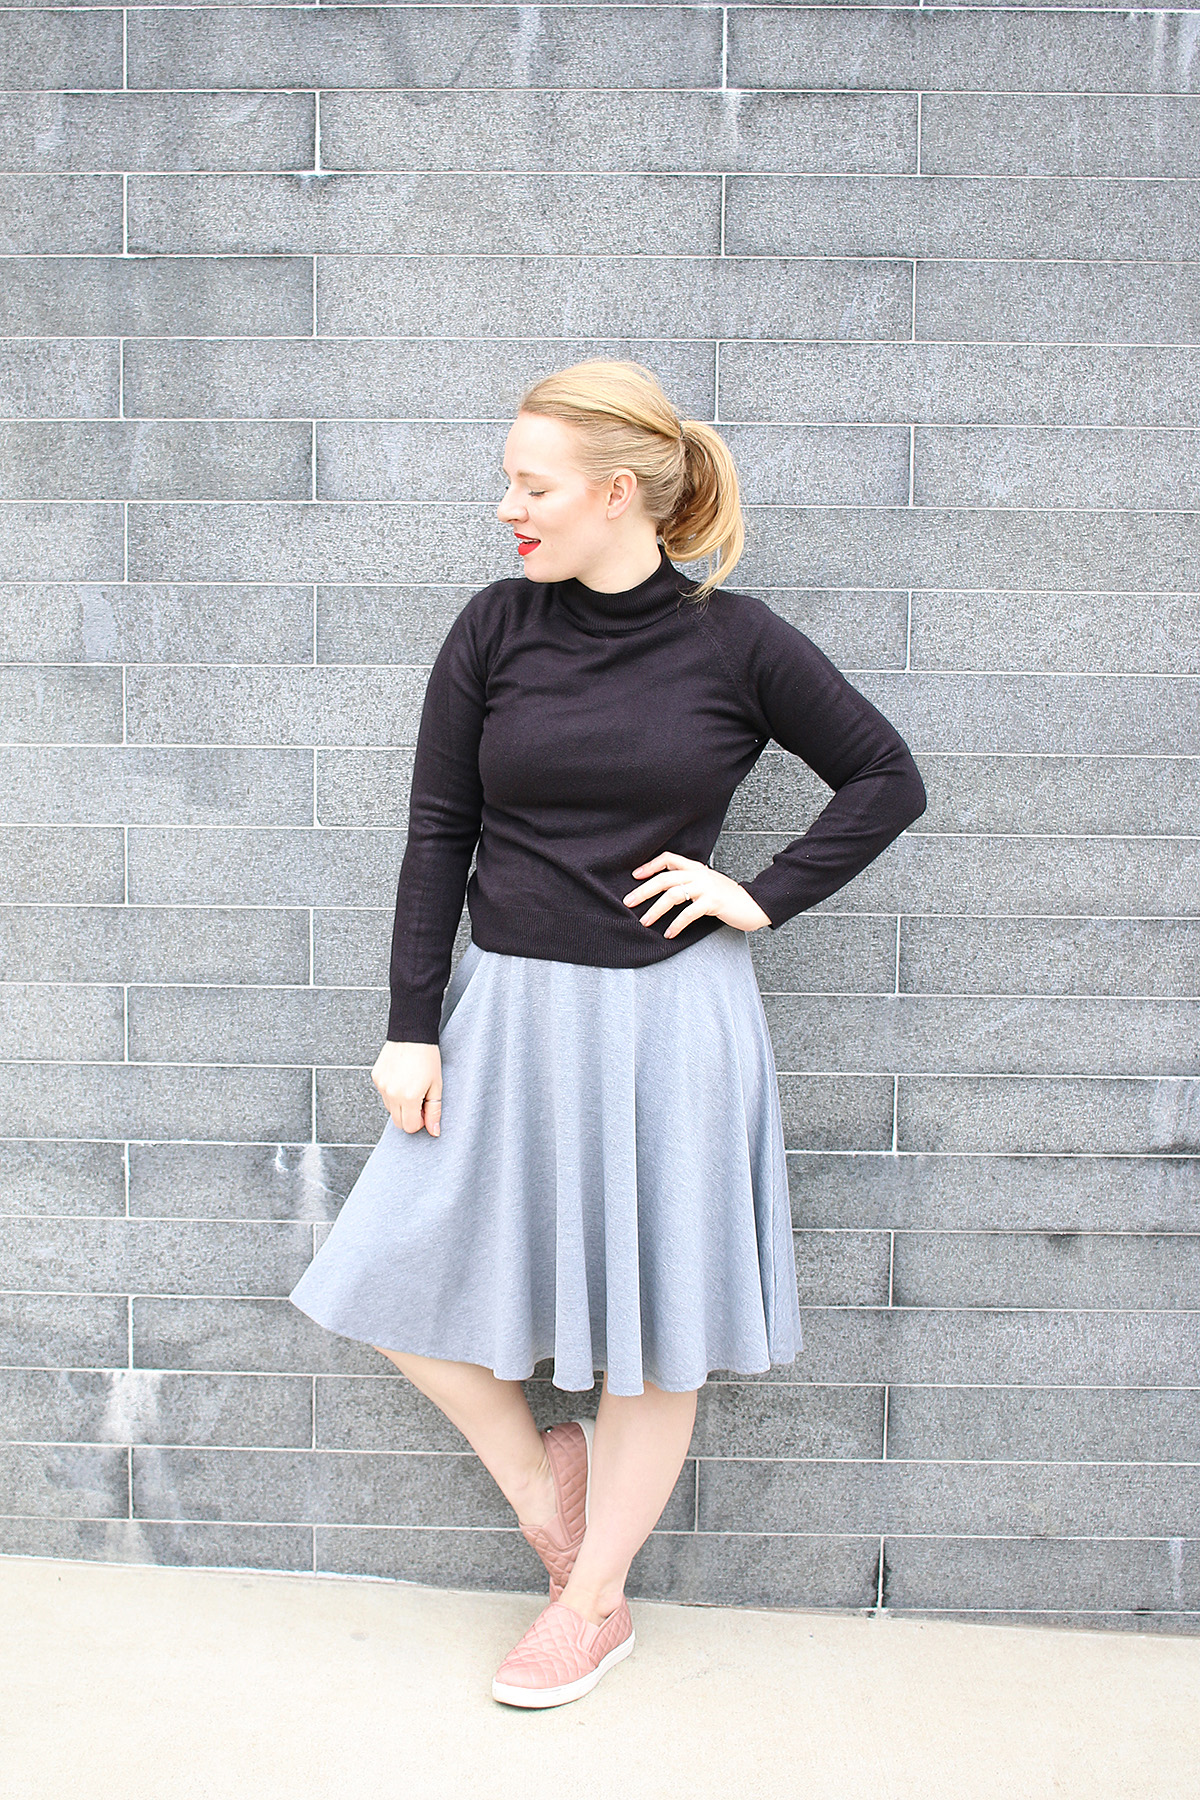 Layering LuLaRoe Nicole Dress